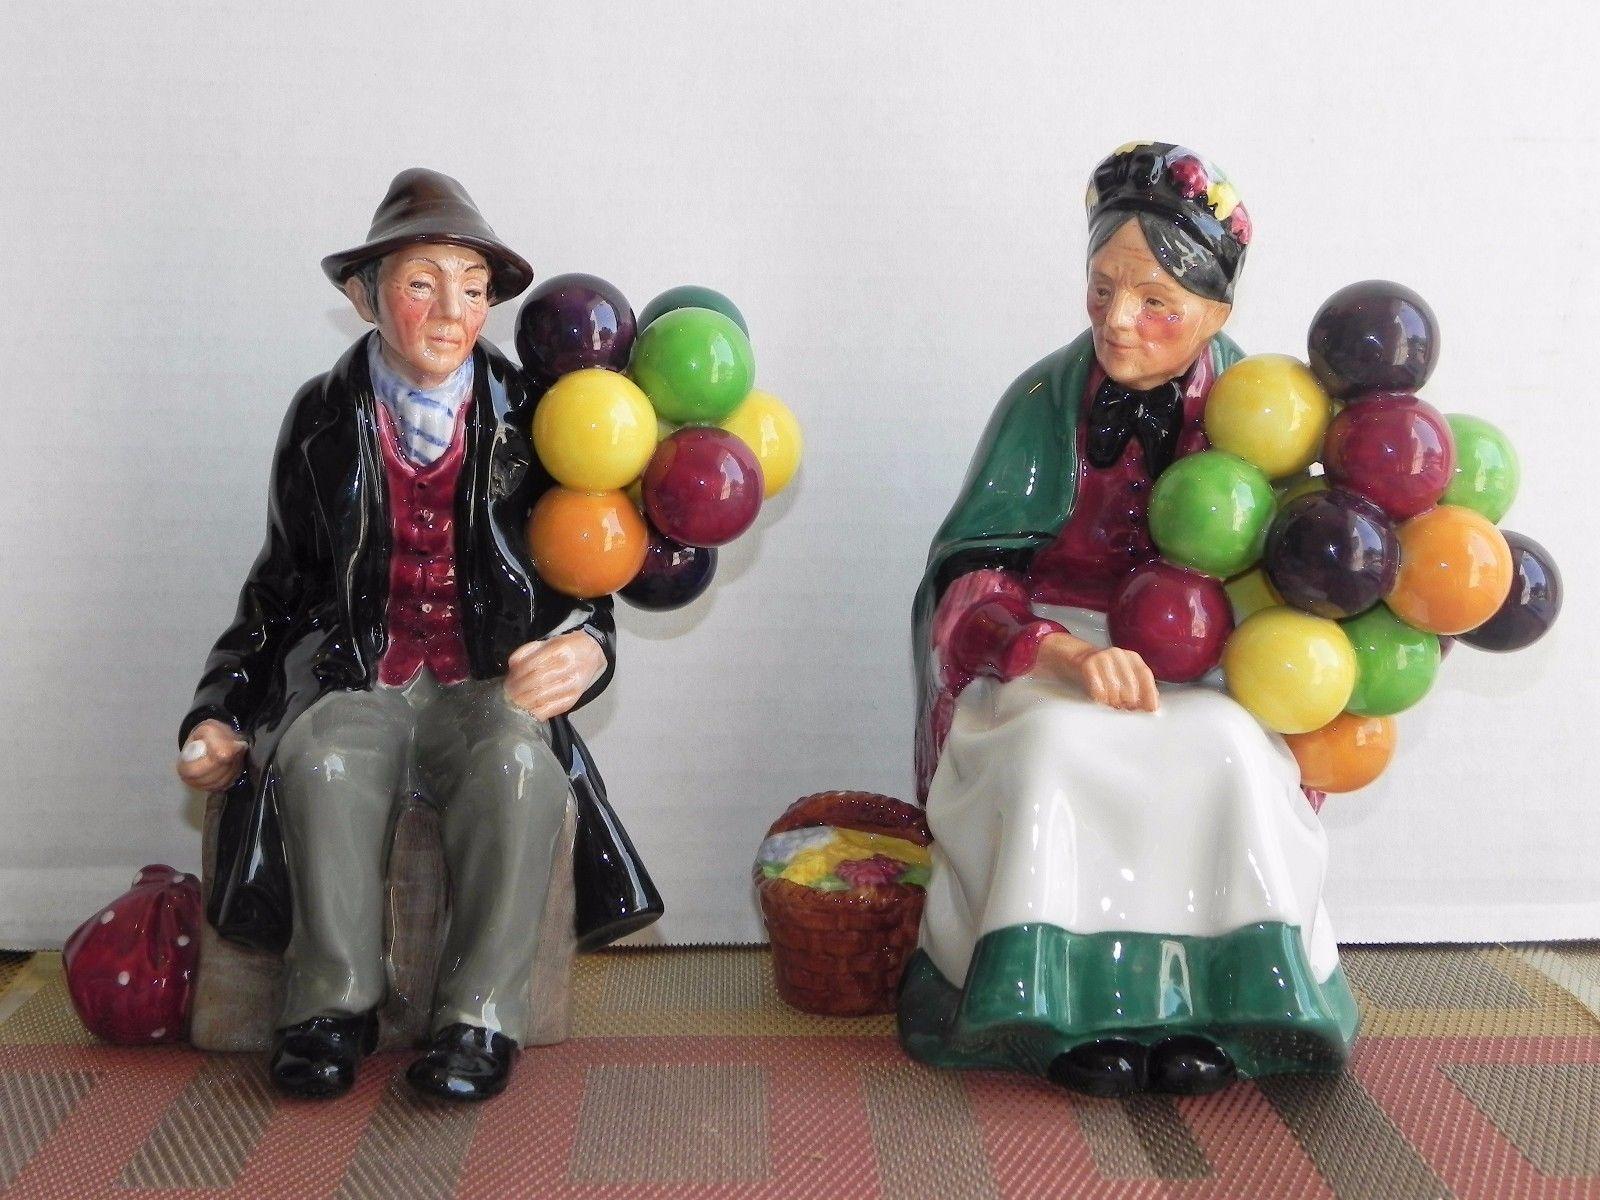 Royal Doulton Balloon seller and Balloon man